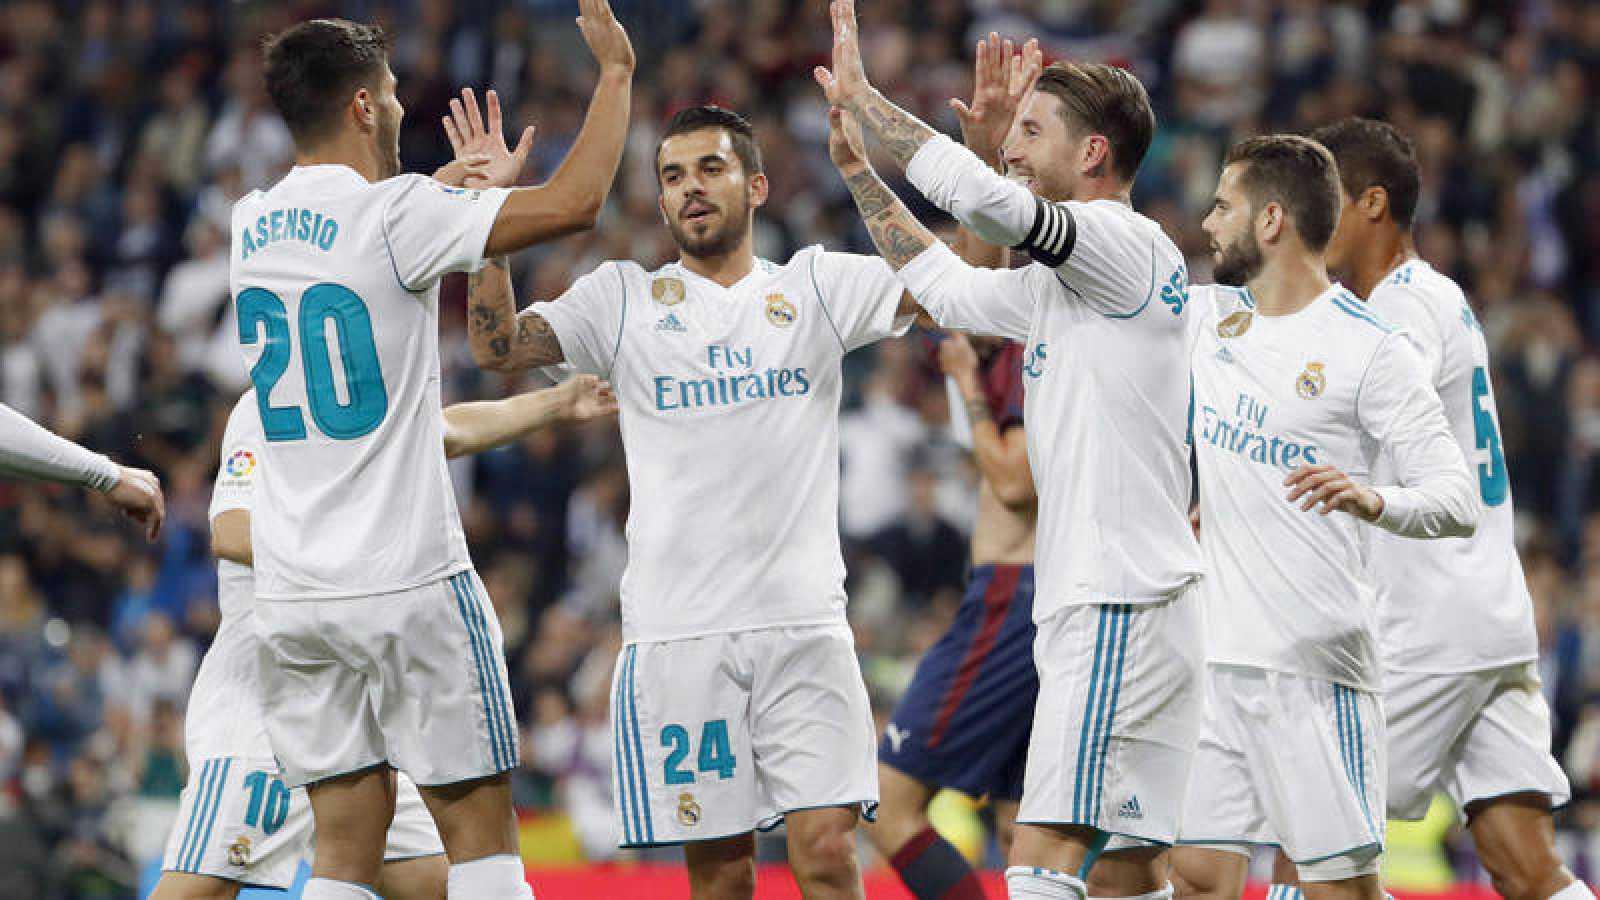 Los jugadores del Real Madrid celebran el primer gol del equipo frente al Eibar.